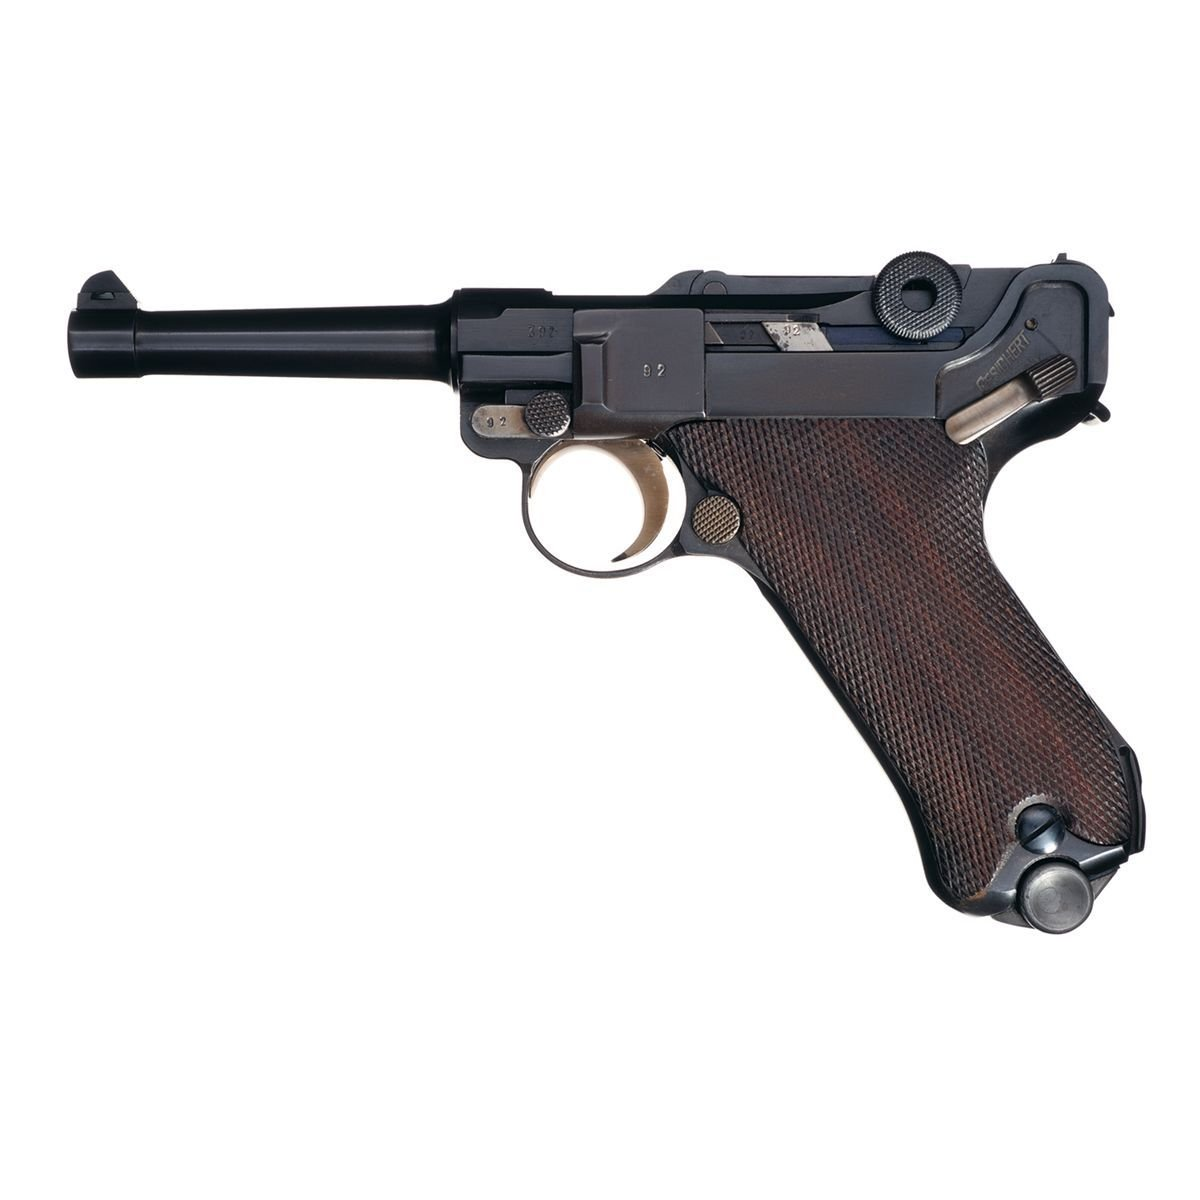 Mauser Luger 9 mm - Patřila do výzbroje nacistů.